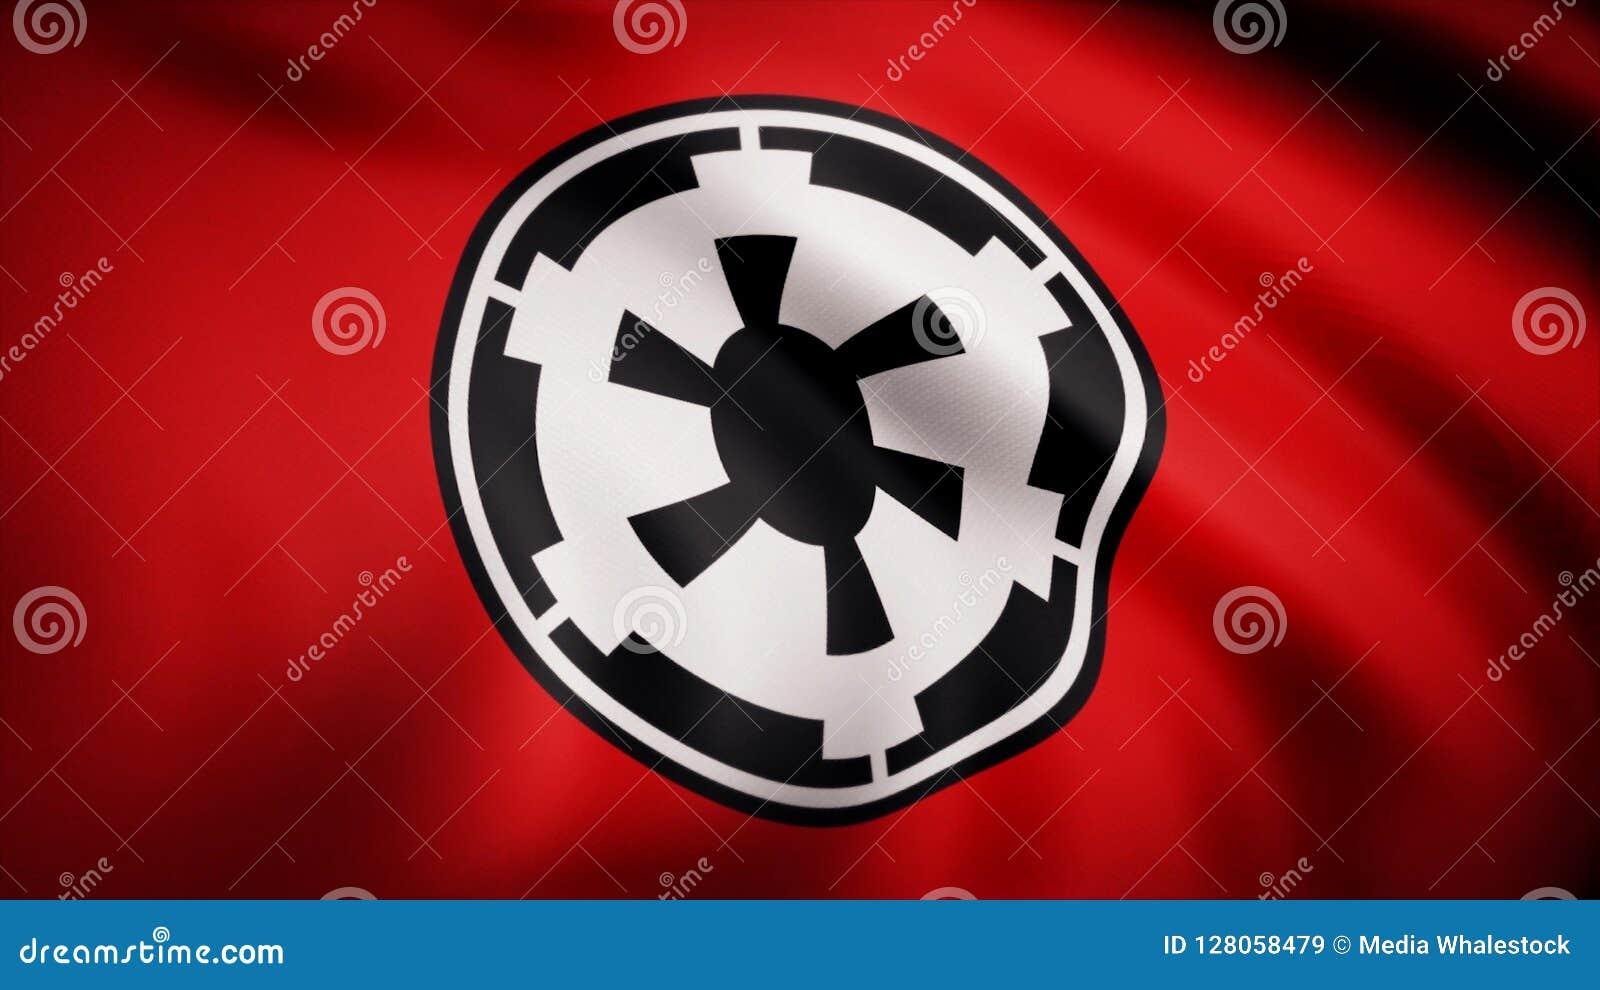 L animation du drapeau du nouvel empire galactique Le thème de Guerres des Étoiles Utilisation d éditorial seulement